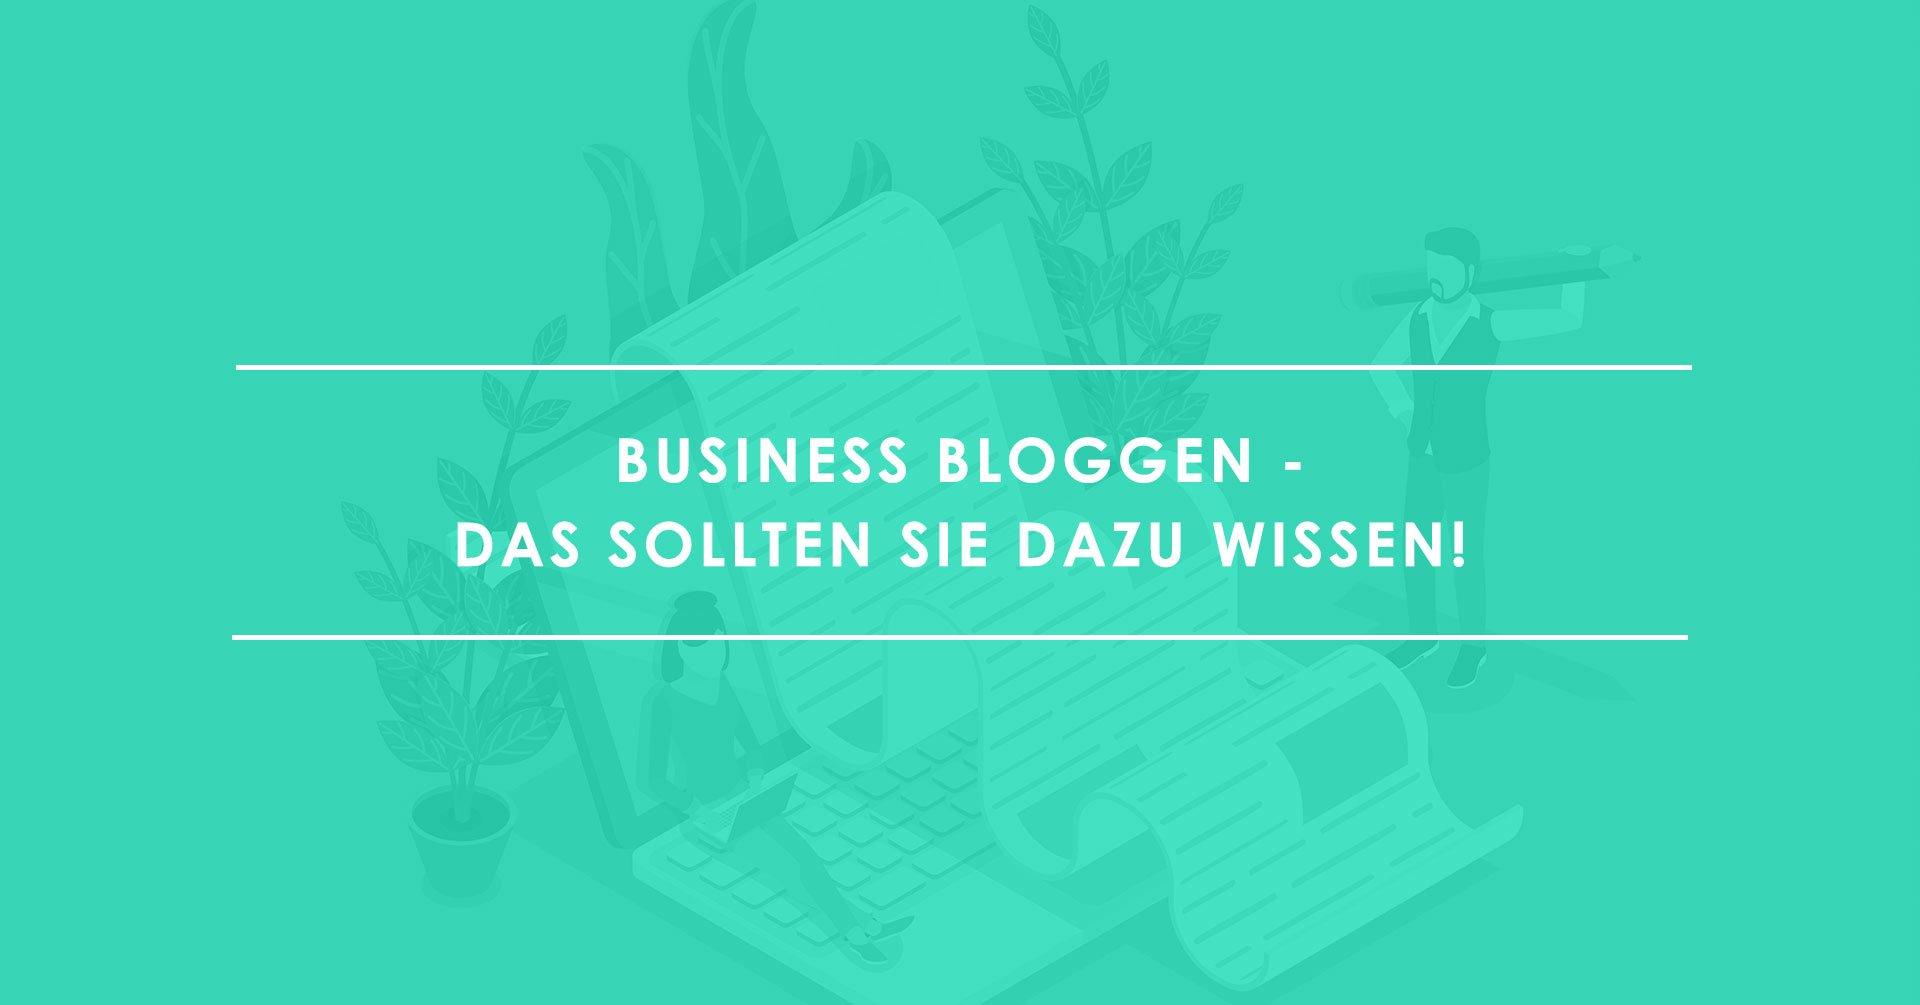 Business-Bloggen--6-Statistiken,-die-Sie-kennen-sollten